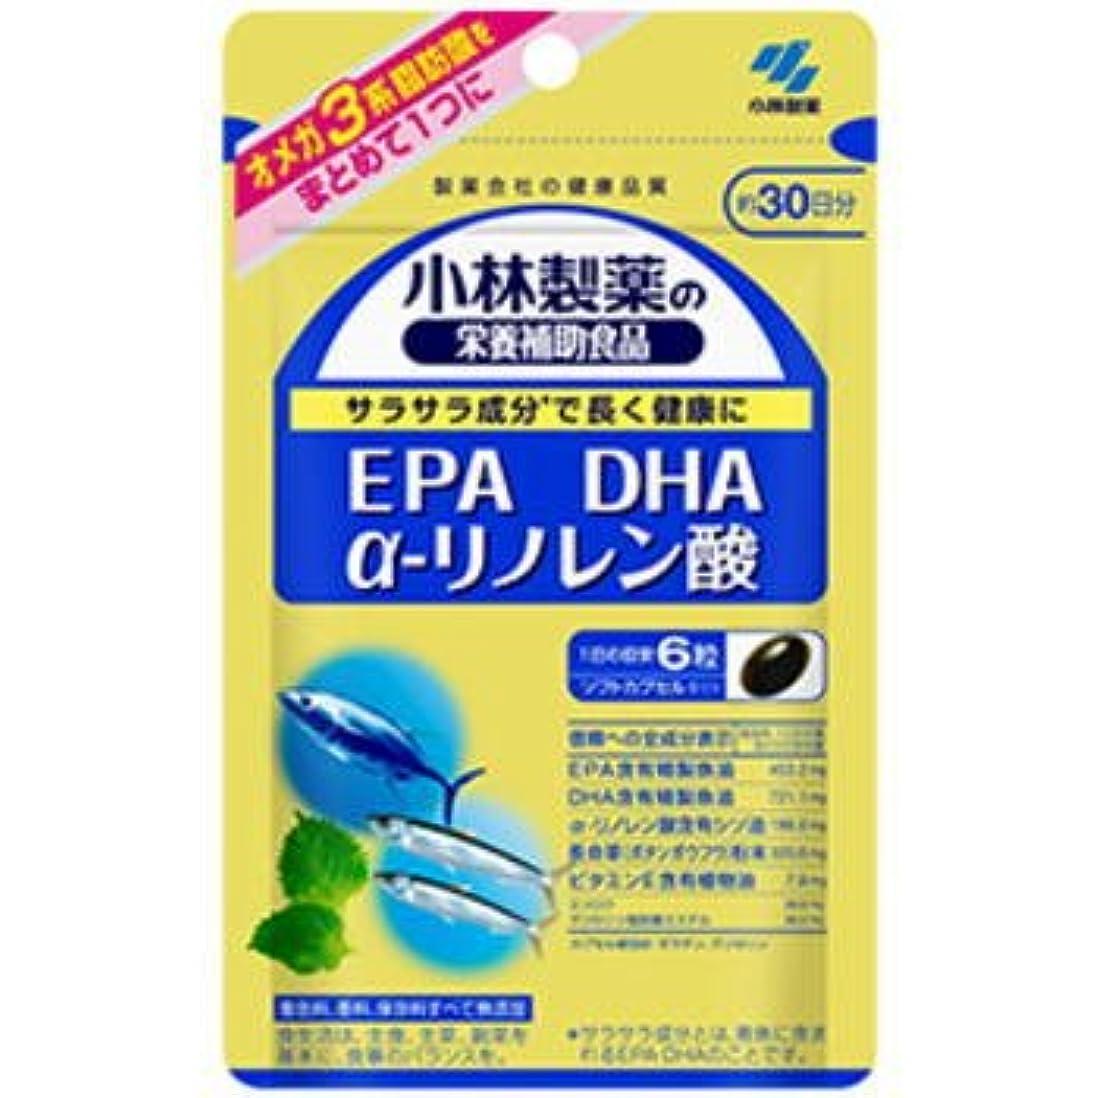 びっくりする凍った差別的小林製薬 EPA DHA α-リノレン酸 180粒×3個セット【ネコポス発送】